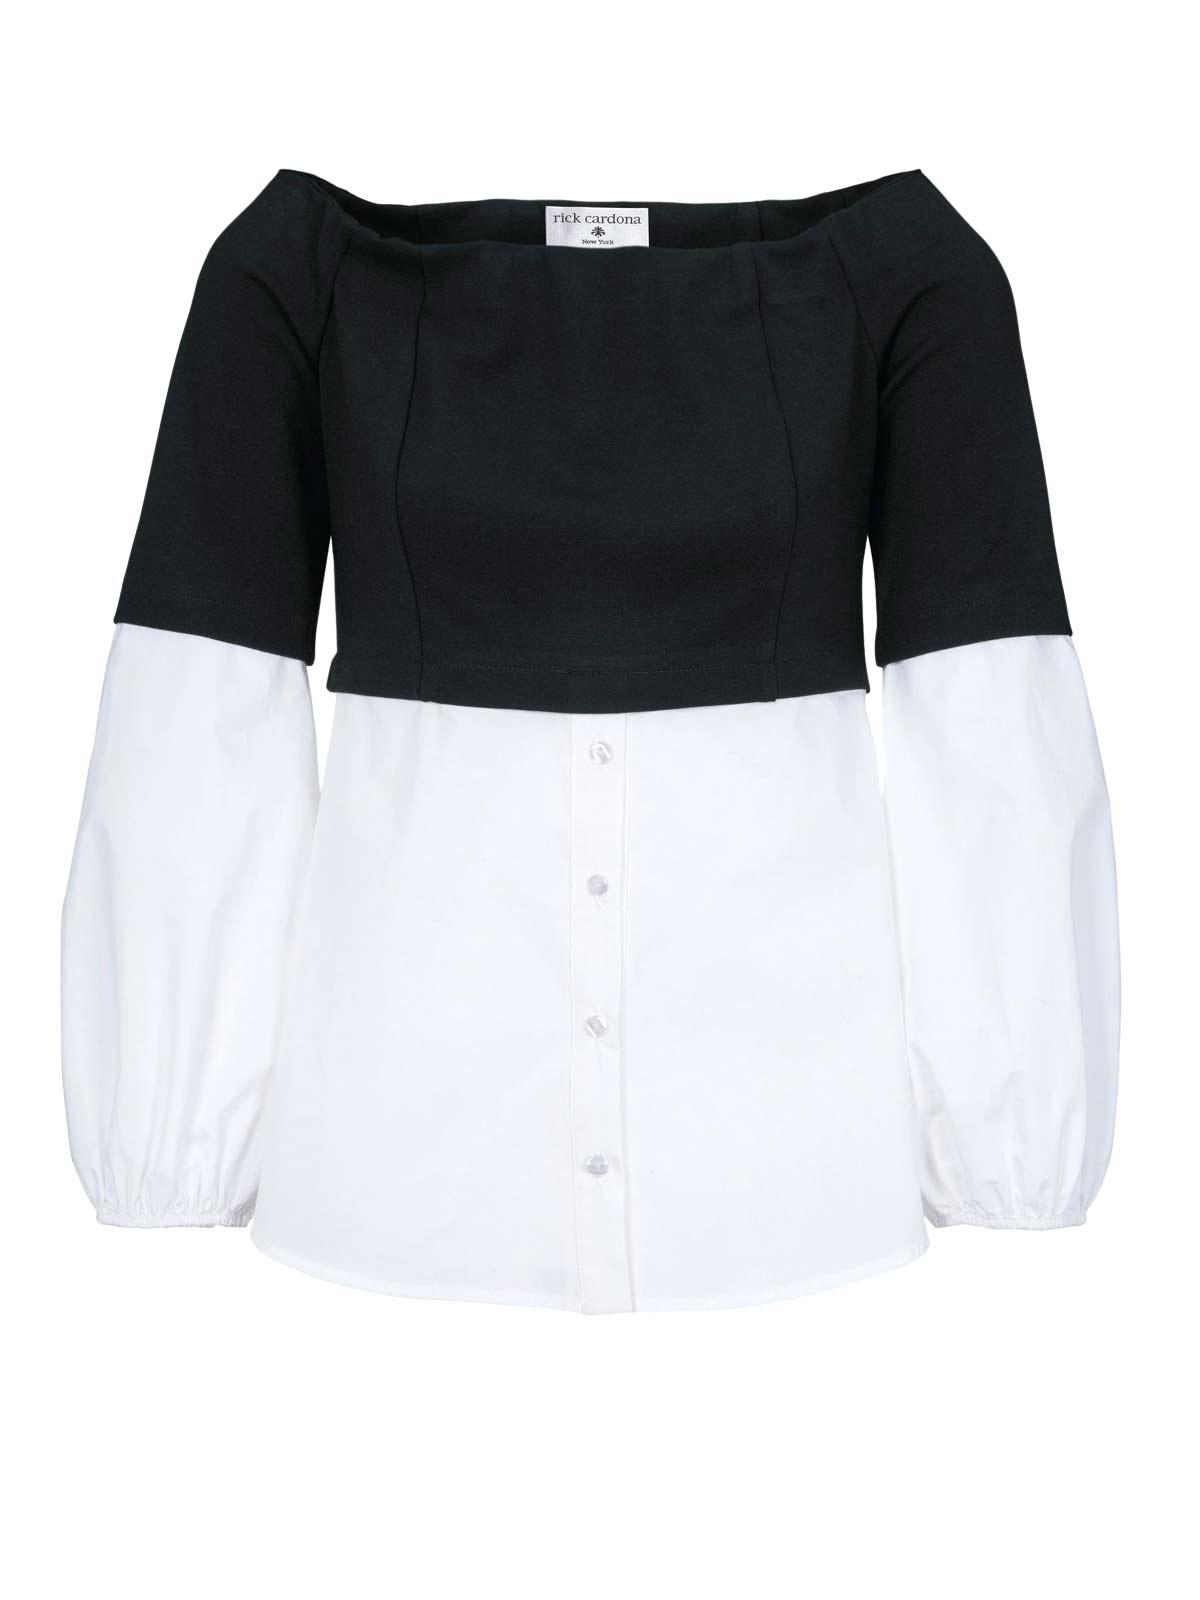 sweatshirts auf rechnung RICK CARDONA Damen Designer-2-in-1-Blusen-Sweatshirt Schwarz-Weiß 306.134 MISSFORTY